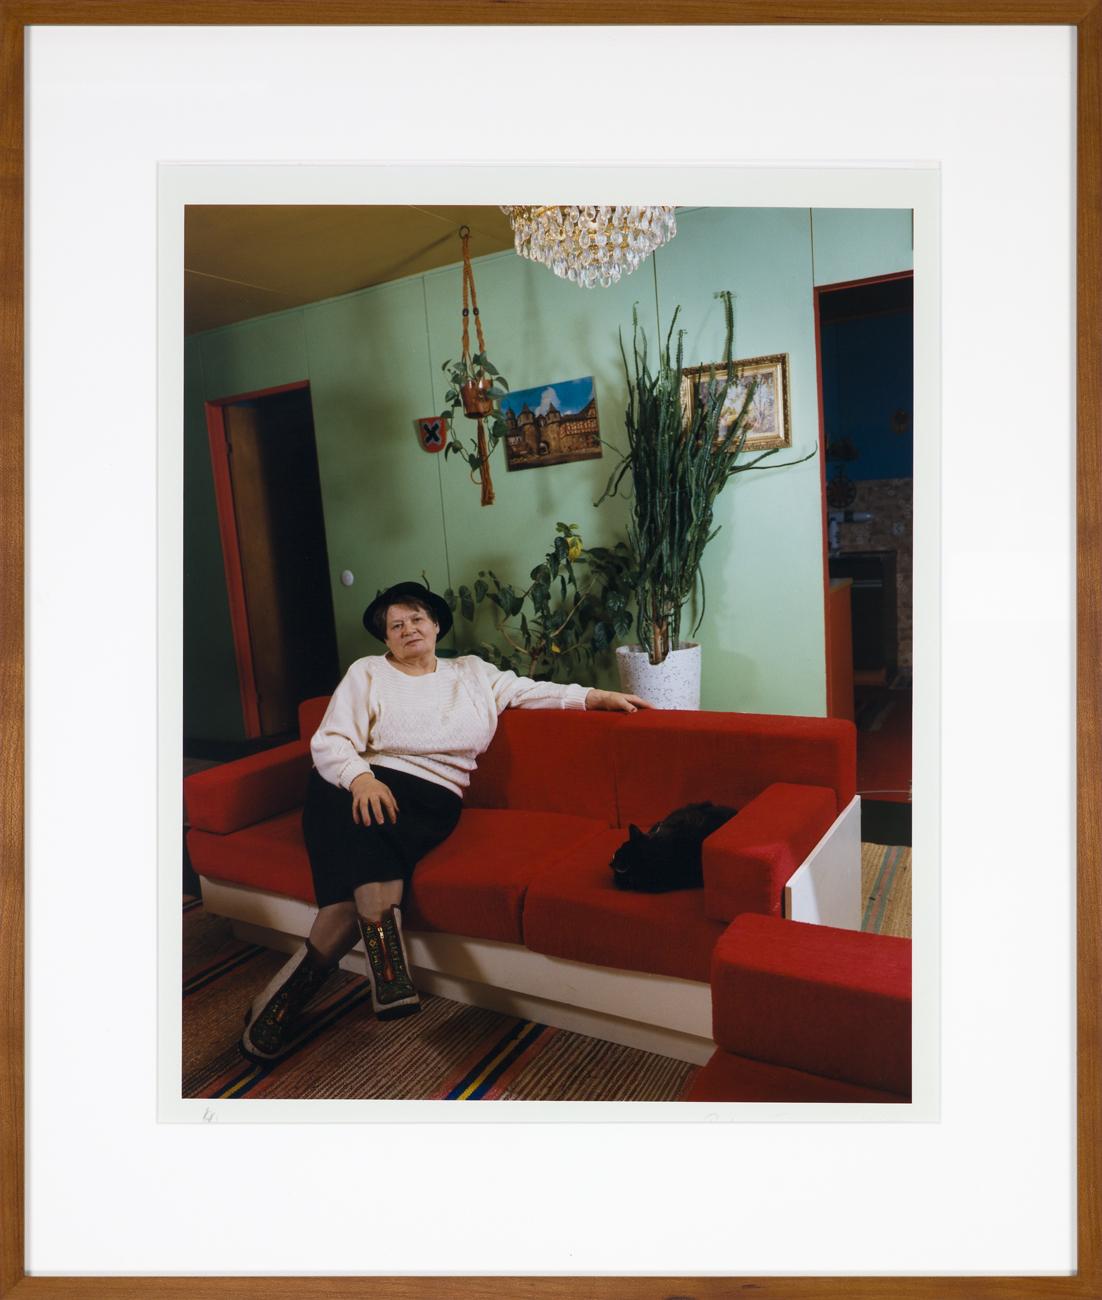 Pekka Turunen  Ett färgstarkt vardagsrum  1985 C-print, 4/25 45,5 x 37 cm